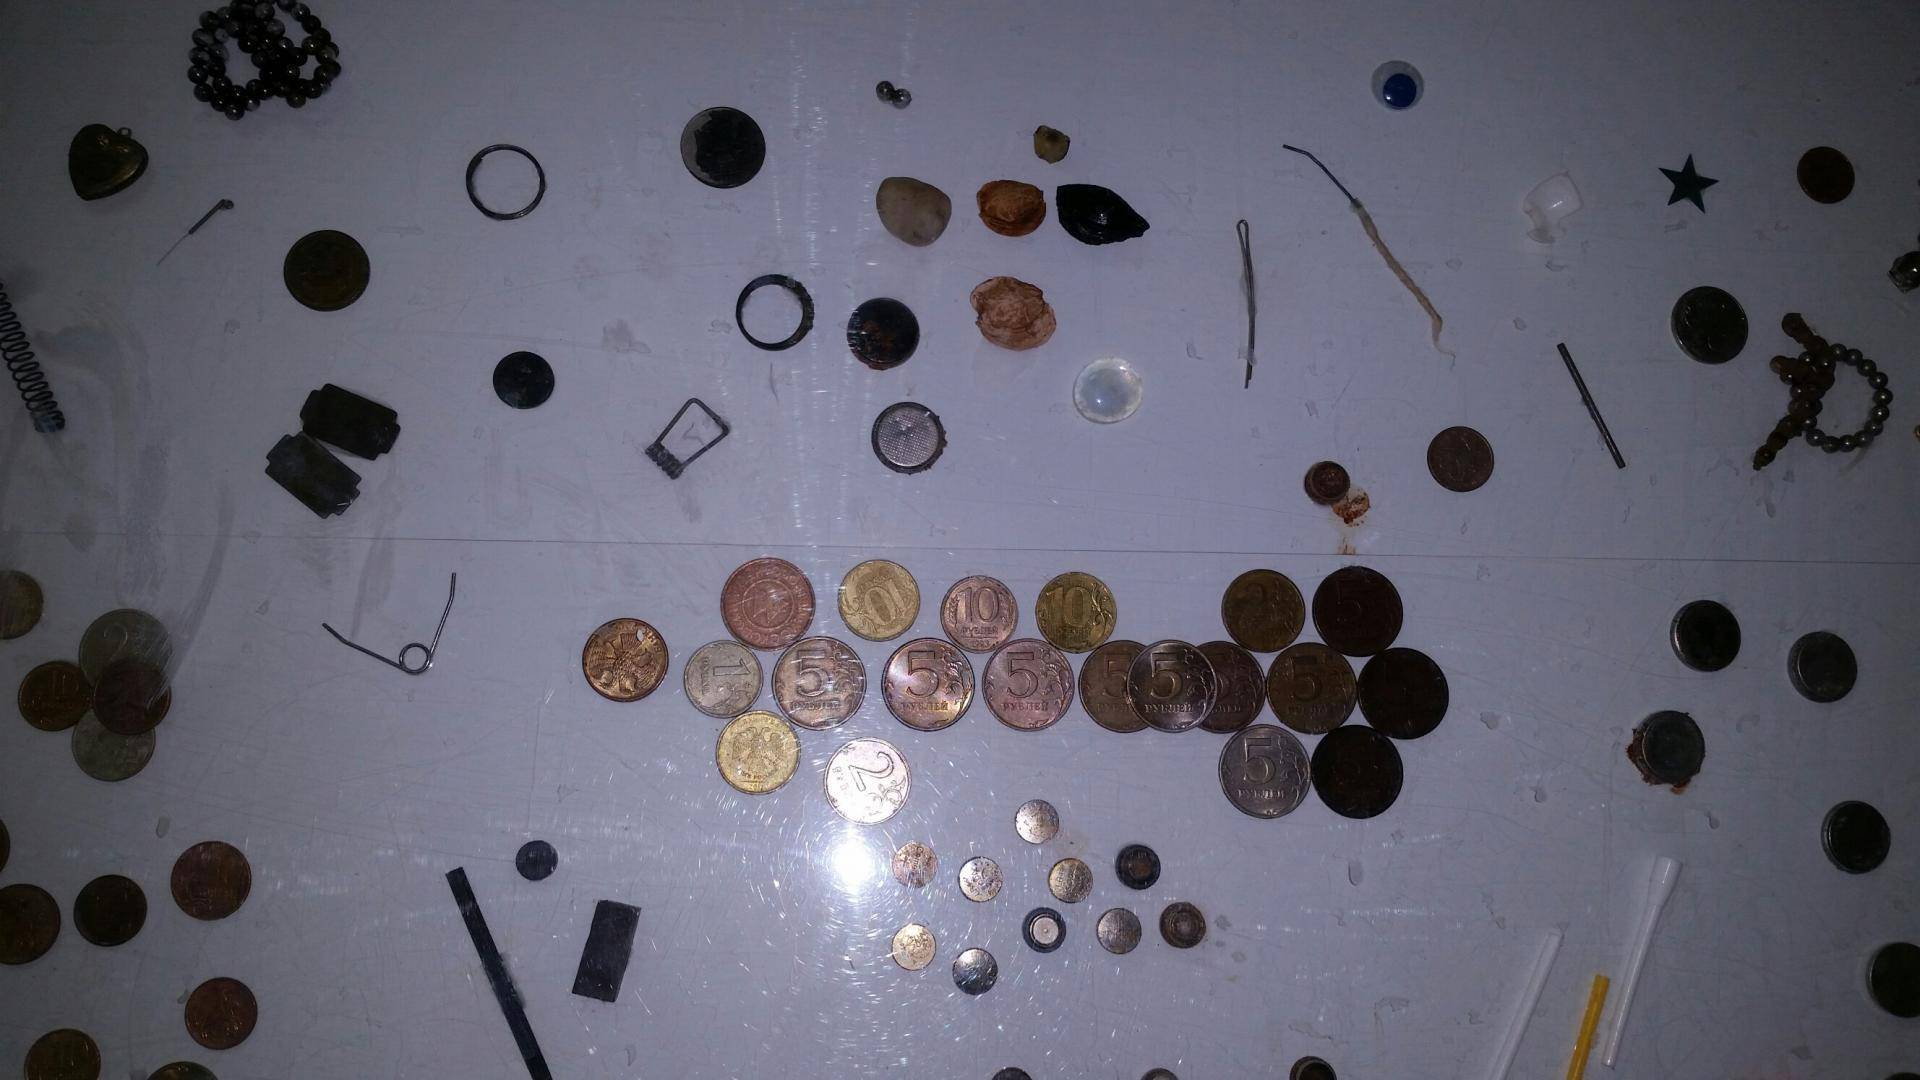 Ребенок проглотил монету! что делать?